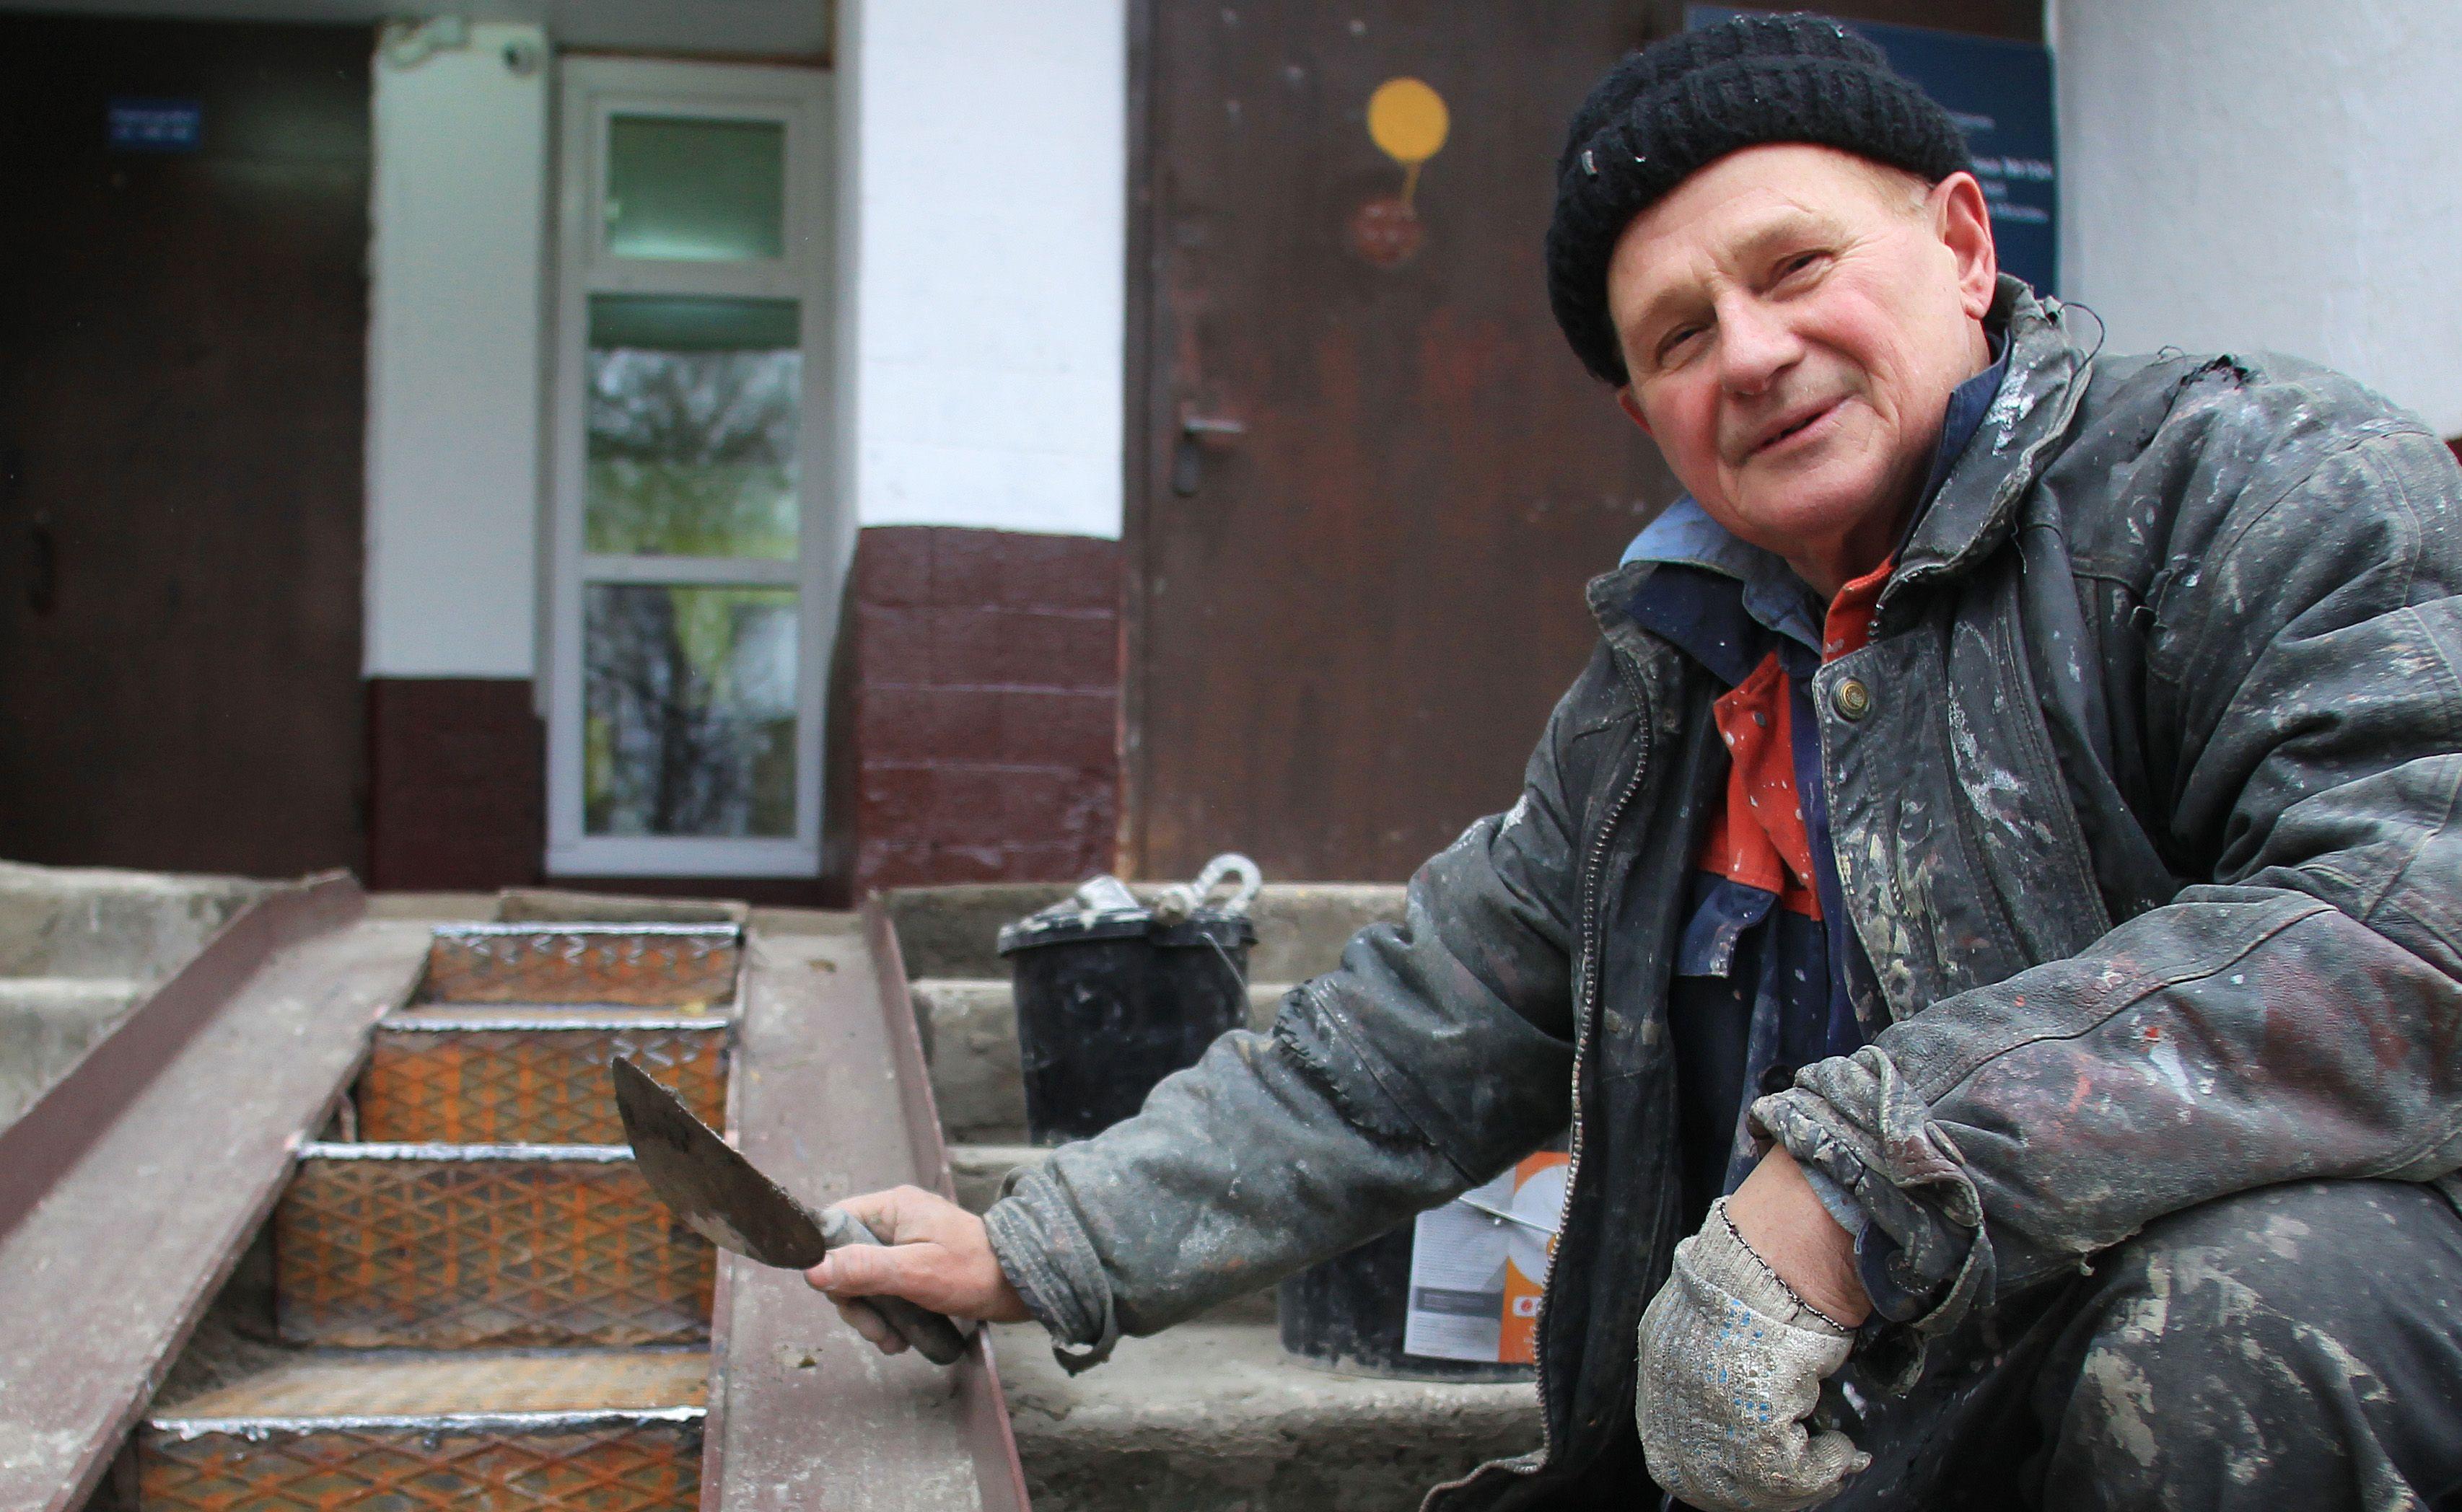 Специалисты установят пандус вблизи здания в Троицке. Фото: Наталия Нечаева, «Вечерняя Москва»